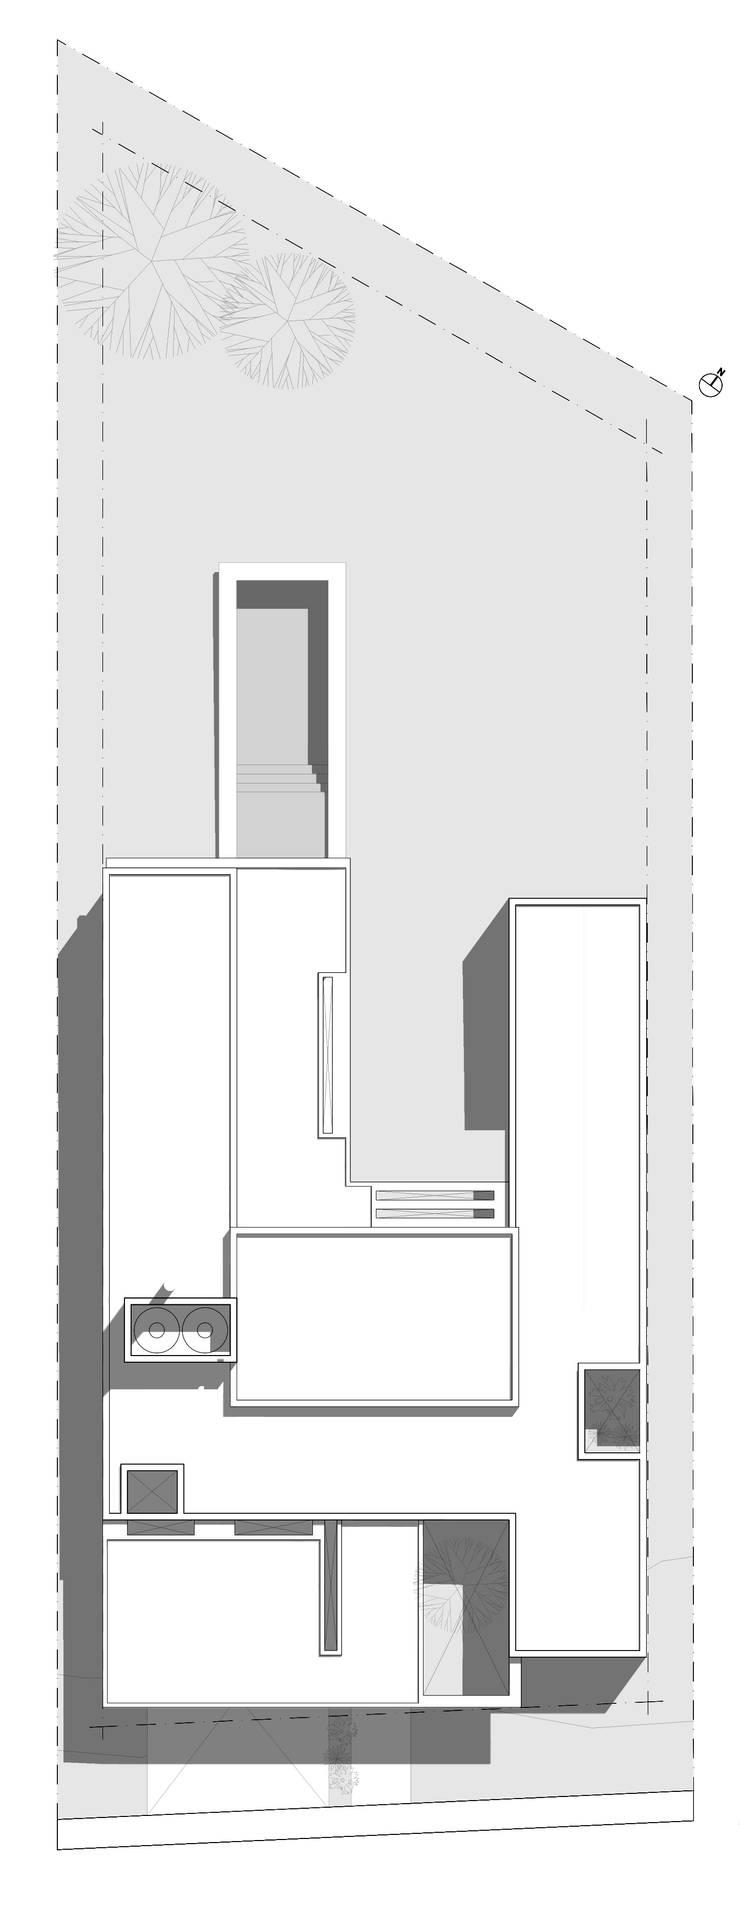 CASA QP:  de estilo  por Poggi Schmit Arquitectura,Moderno